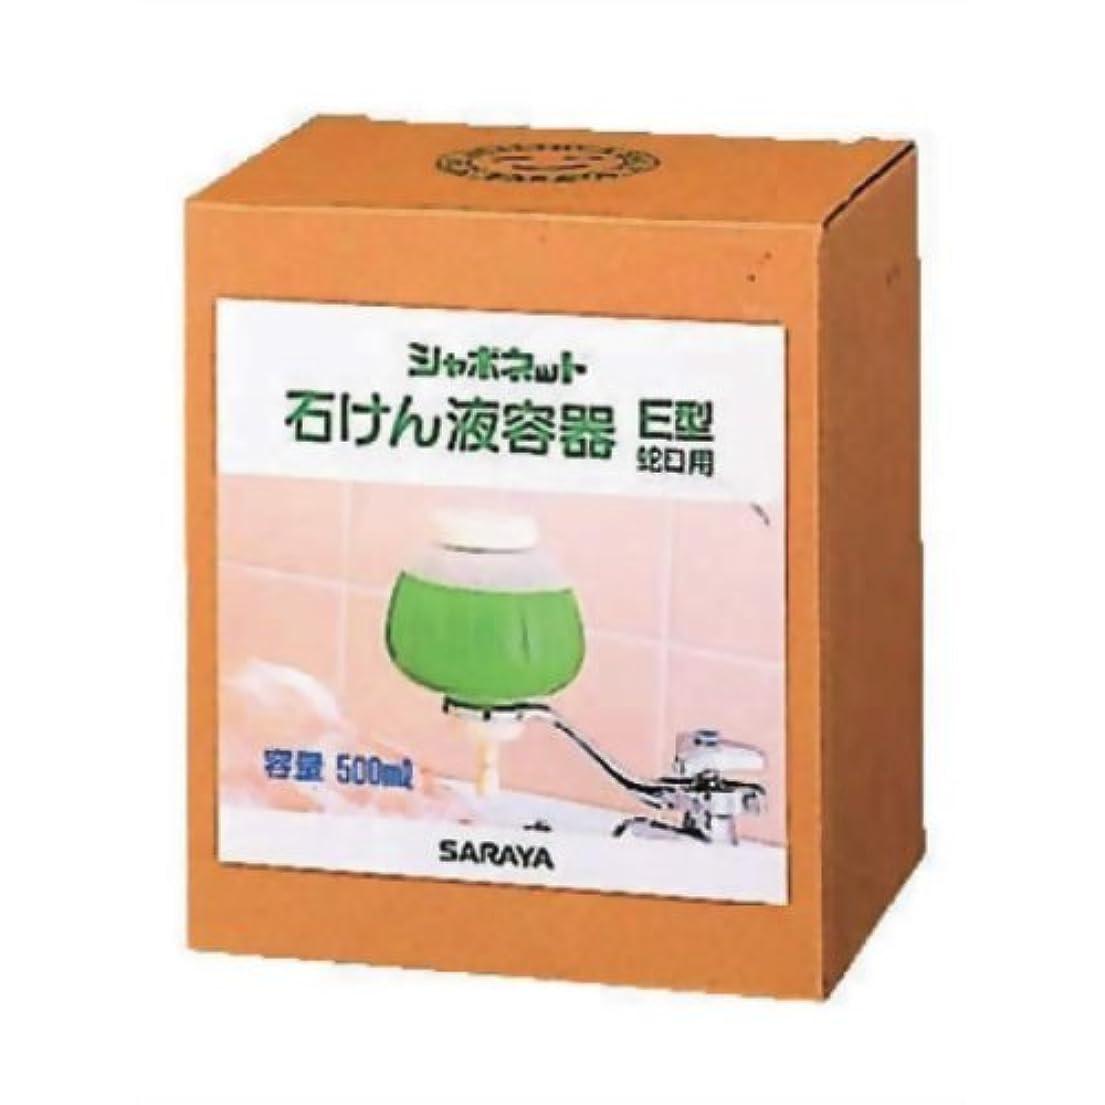 落ち着いてなぜなら才能シャボネット石鹸液容器 500mLE型蛇口用 21450/63828559 サラヤ